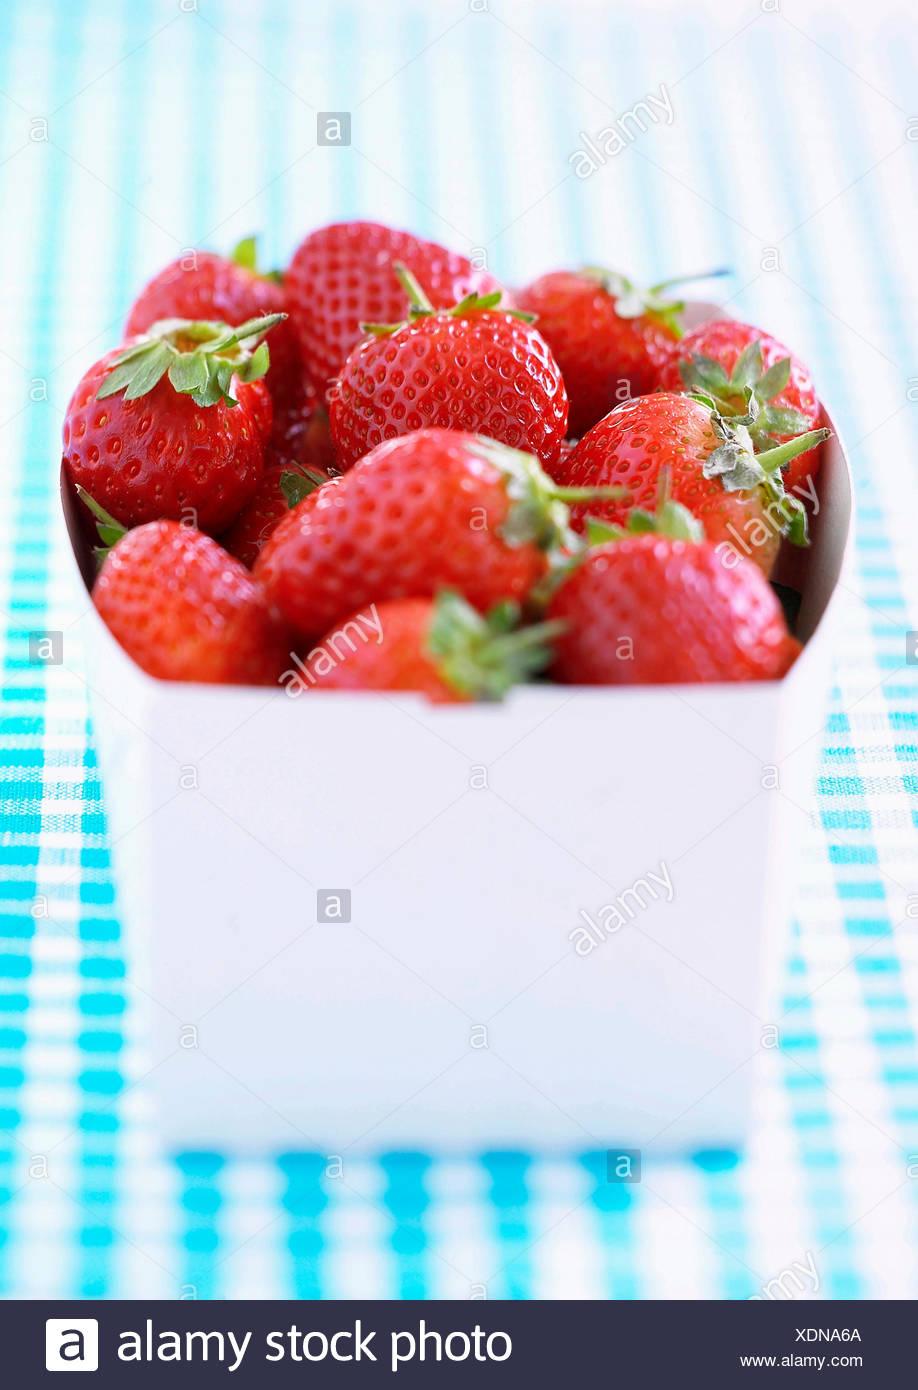 Fraise, Fragaria x ananassa, Studio shot de fruit rouge dans le récipient. Photo Stock